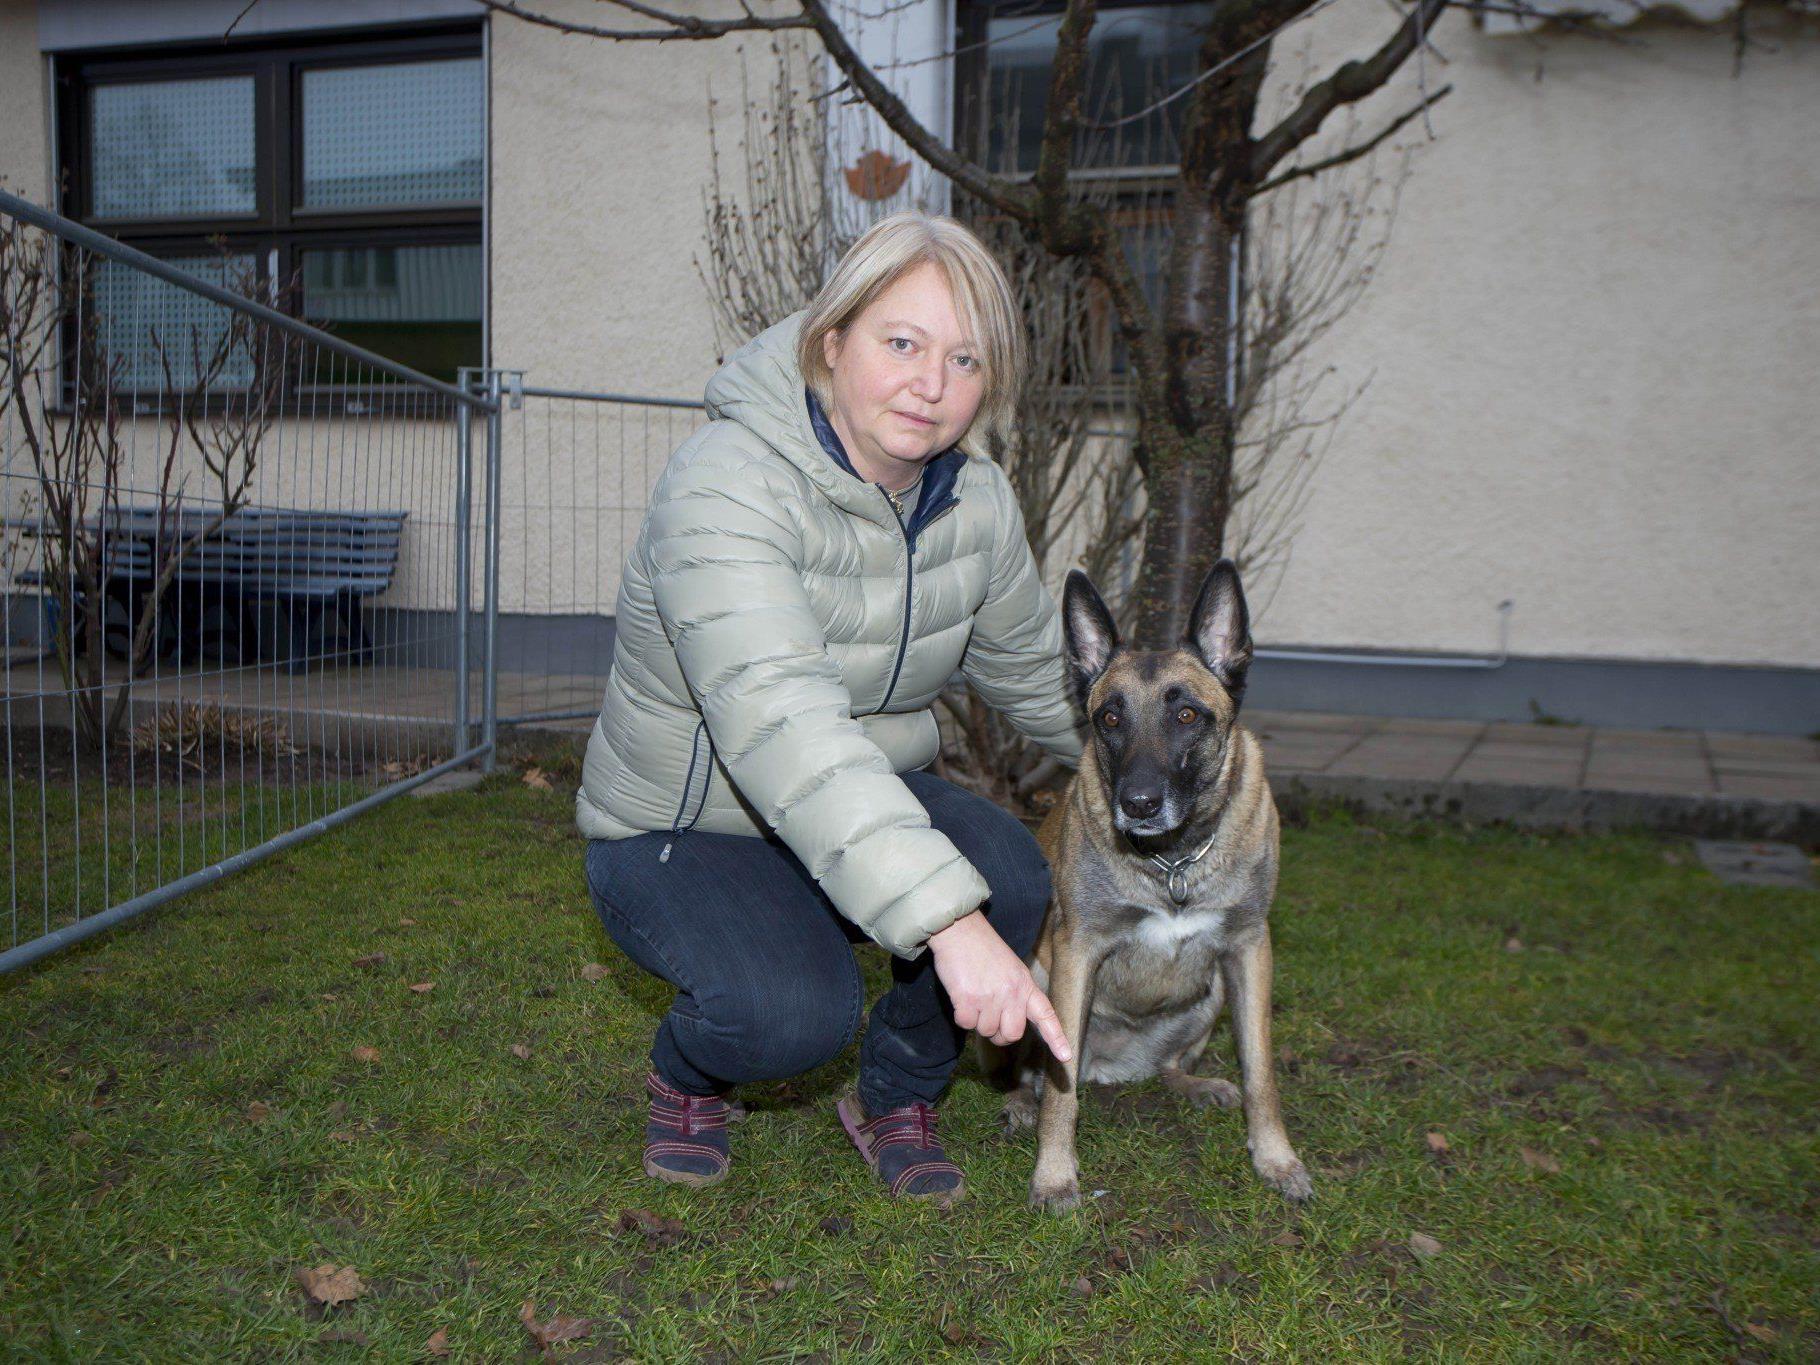 Schüblingstücke mit Nadeln präpariert: Hund Danou wäre beinahe Opfer eines heimtückischen Tierquälers geworden.